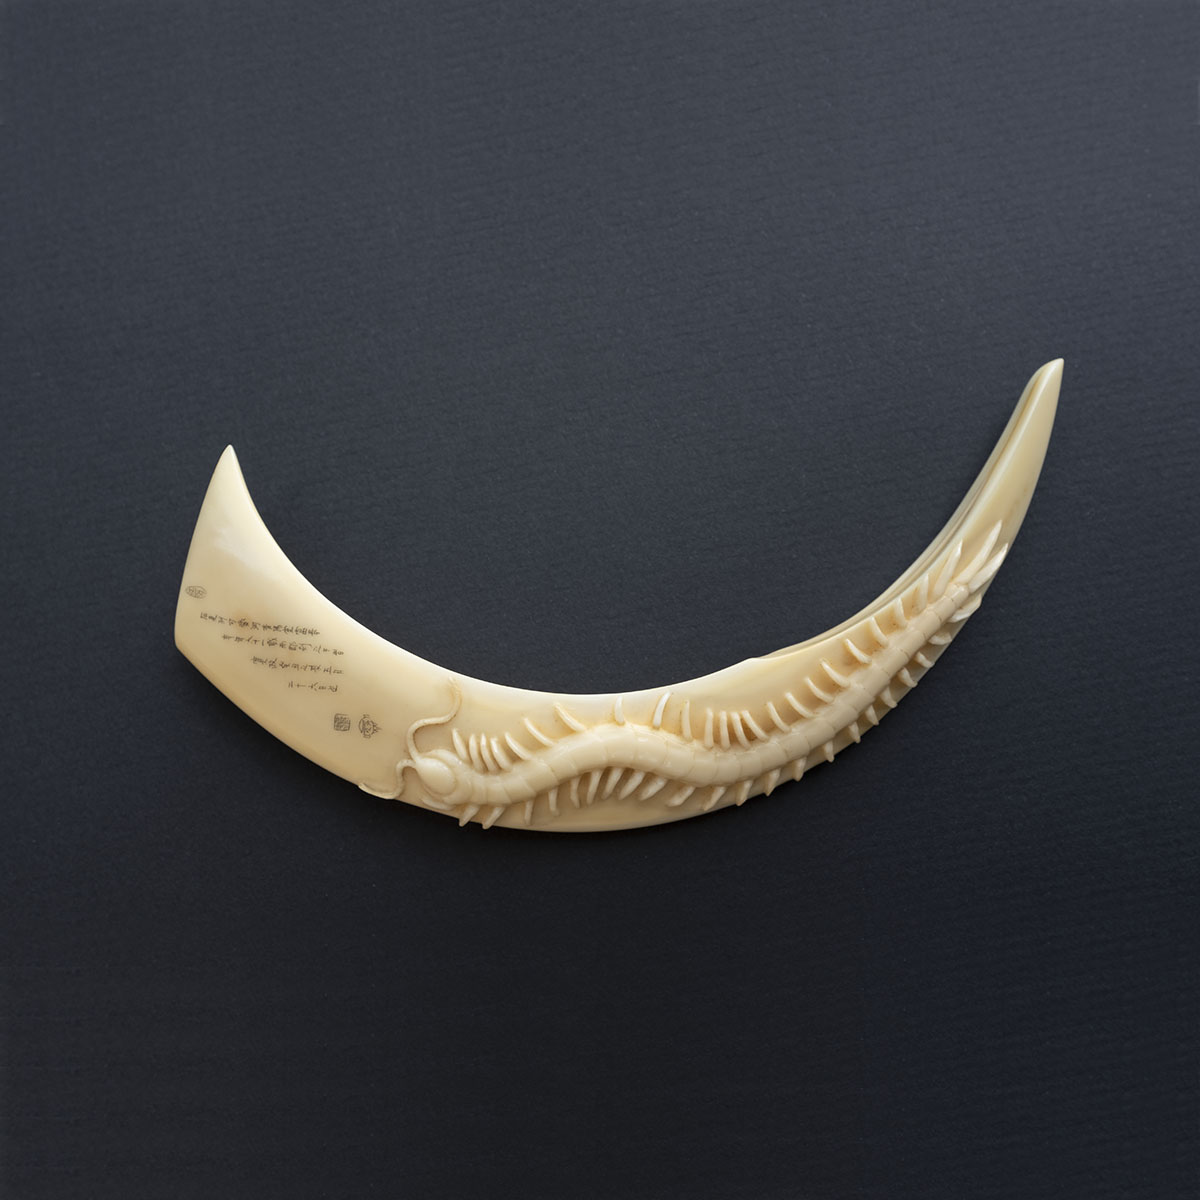 FUJI6686 SS48 Boar's tusk-2